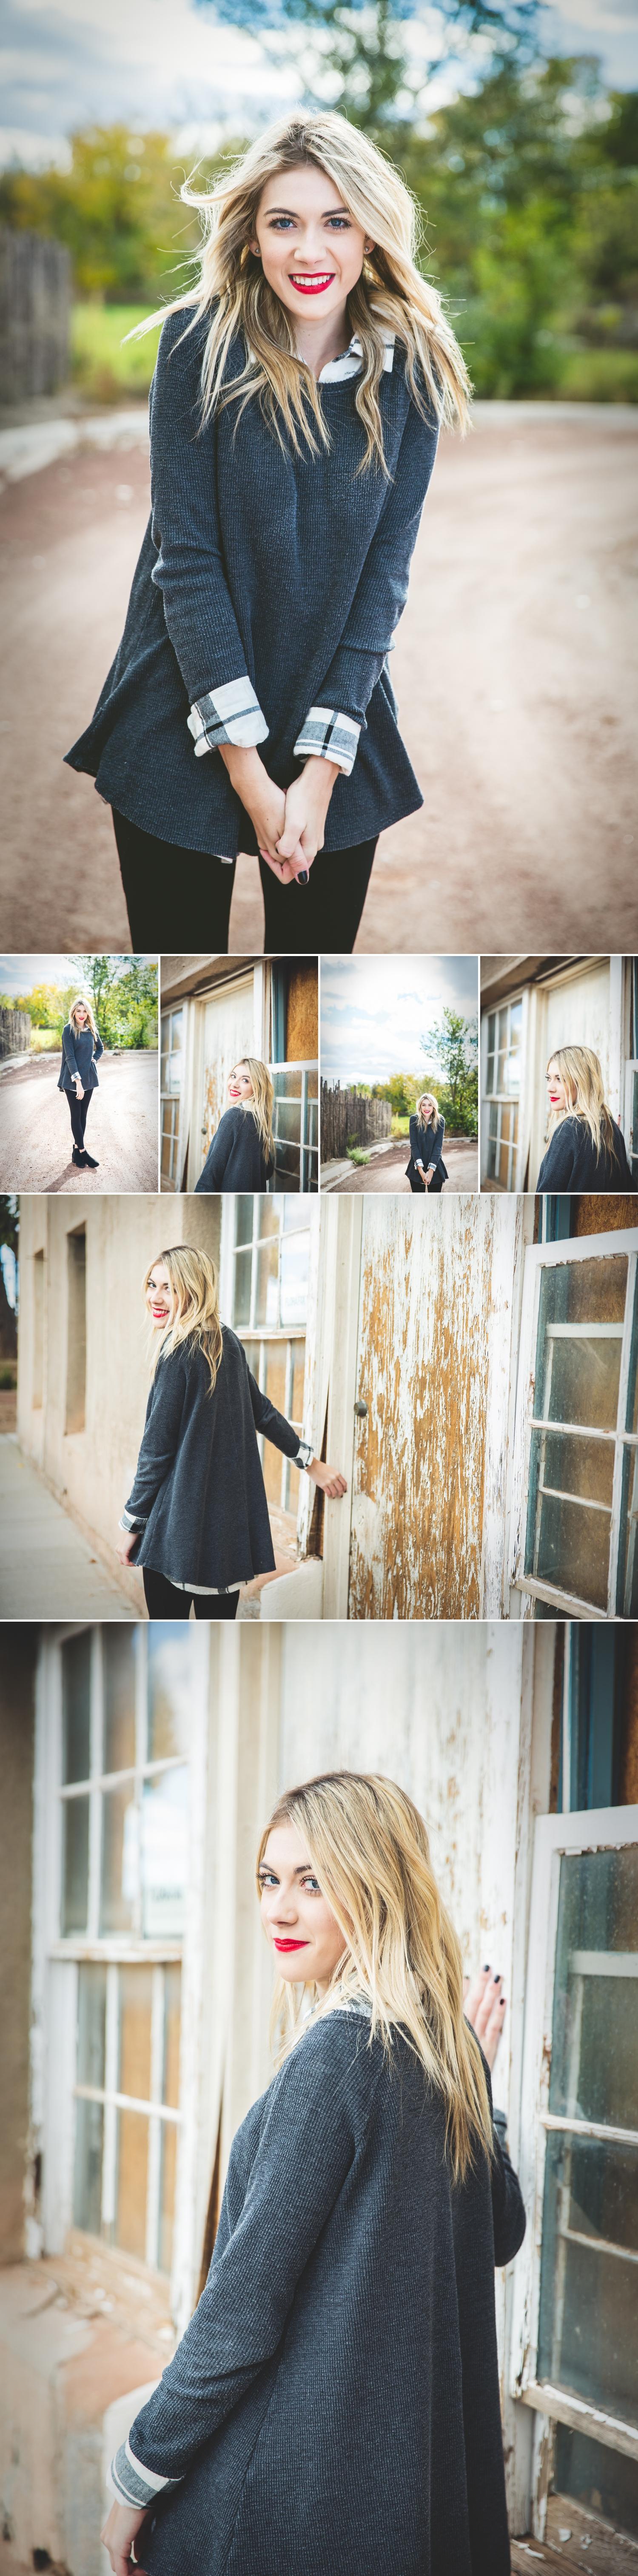 Emily Neal 6.jpg